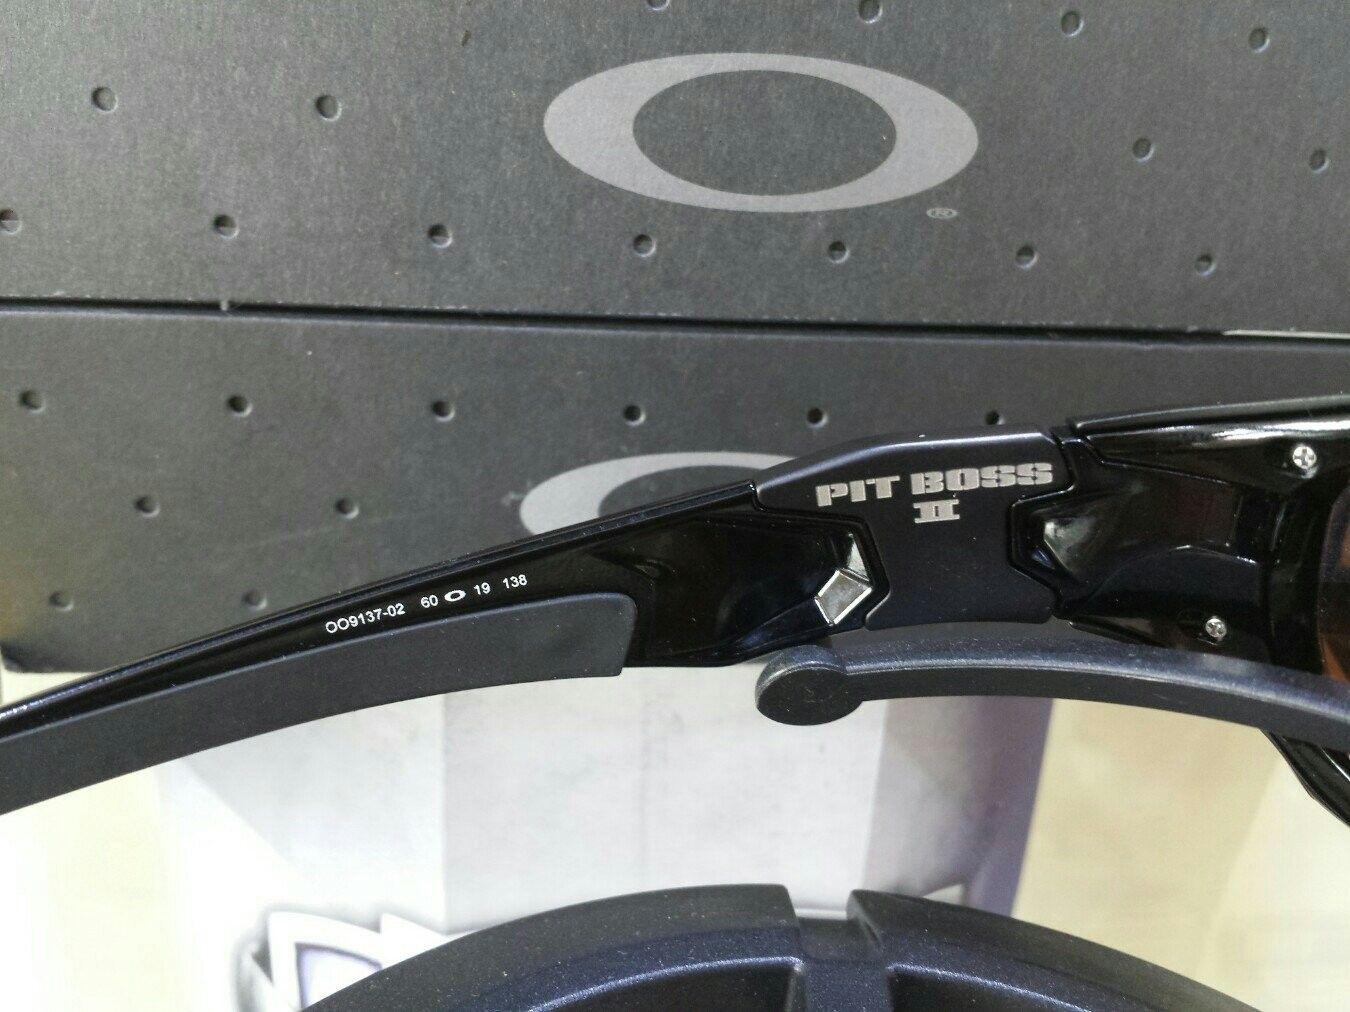 Oakley Pit Boss II - $275 - nyzaqy5u.jpg